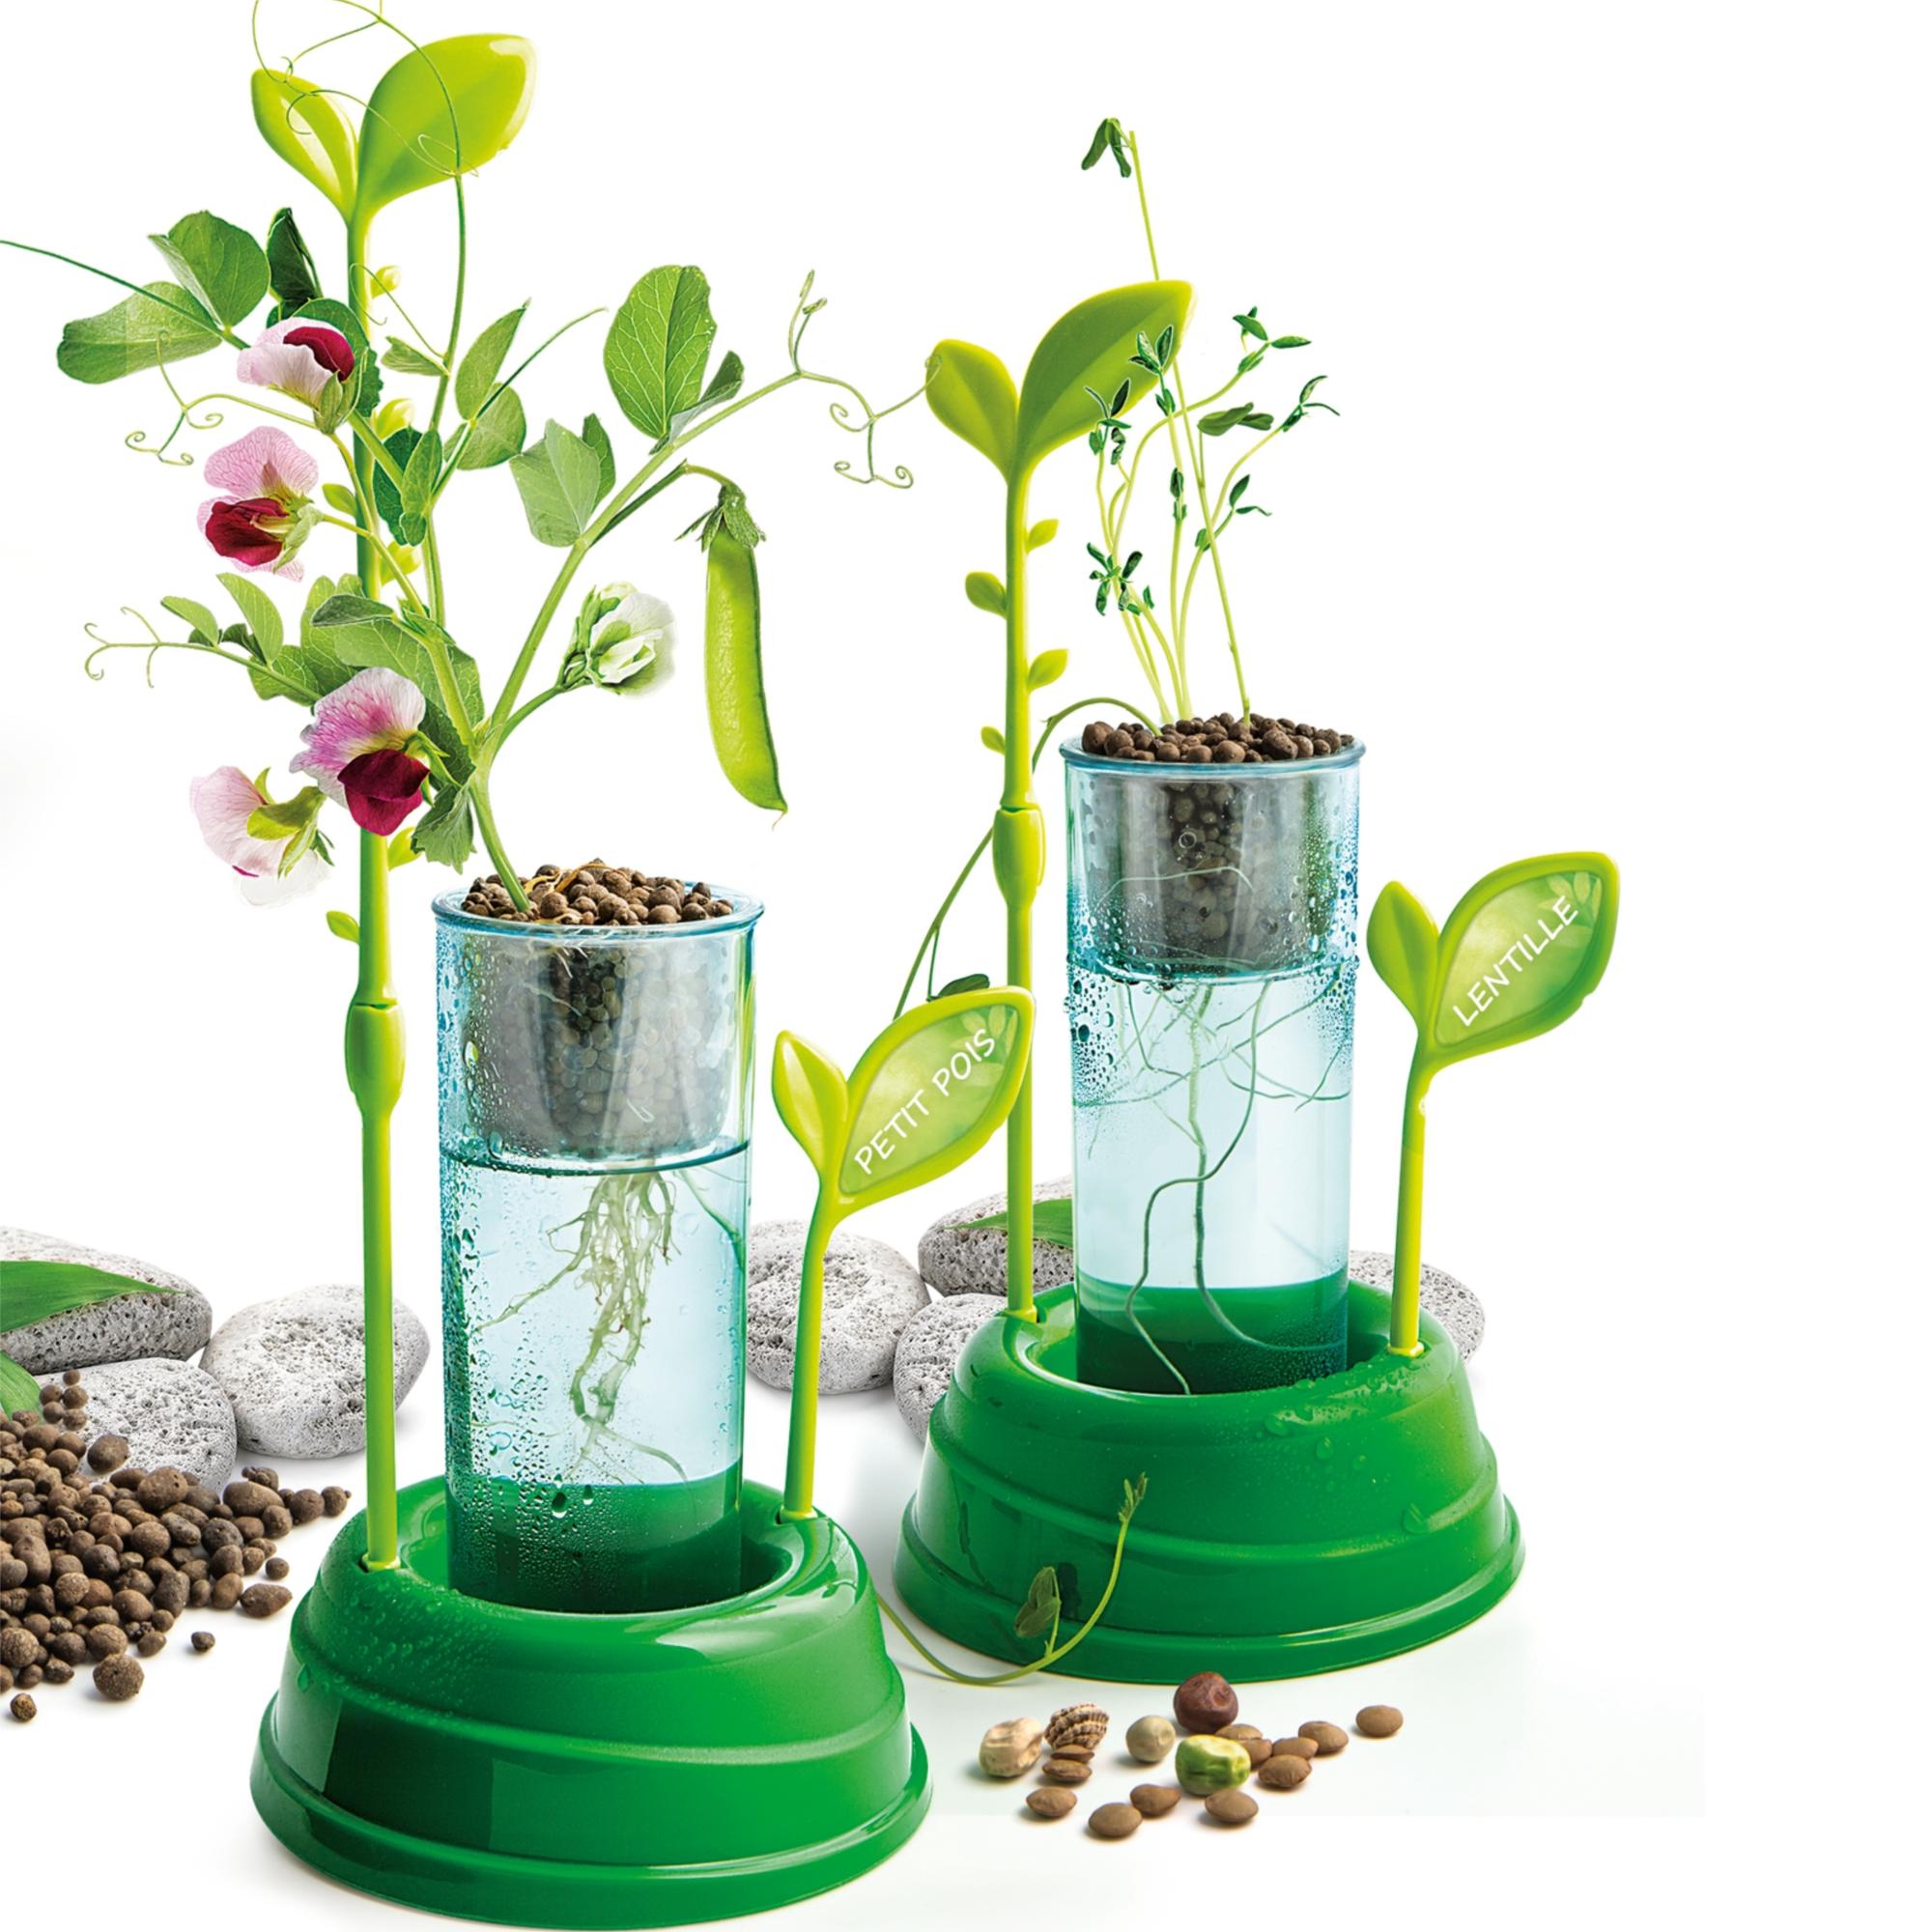 Clementoni Botanique & Hydroponique VF